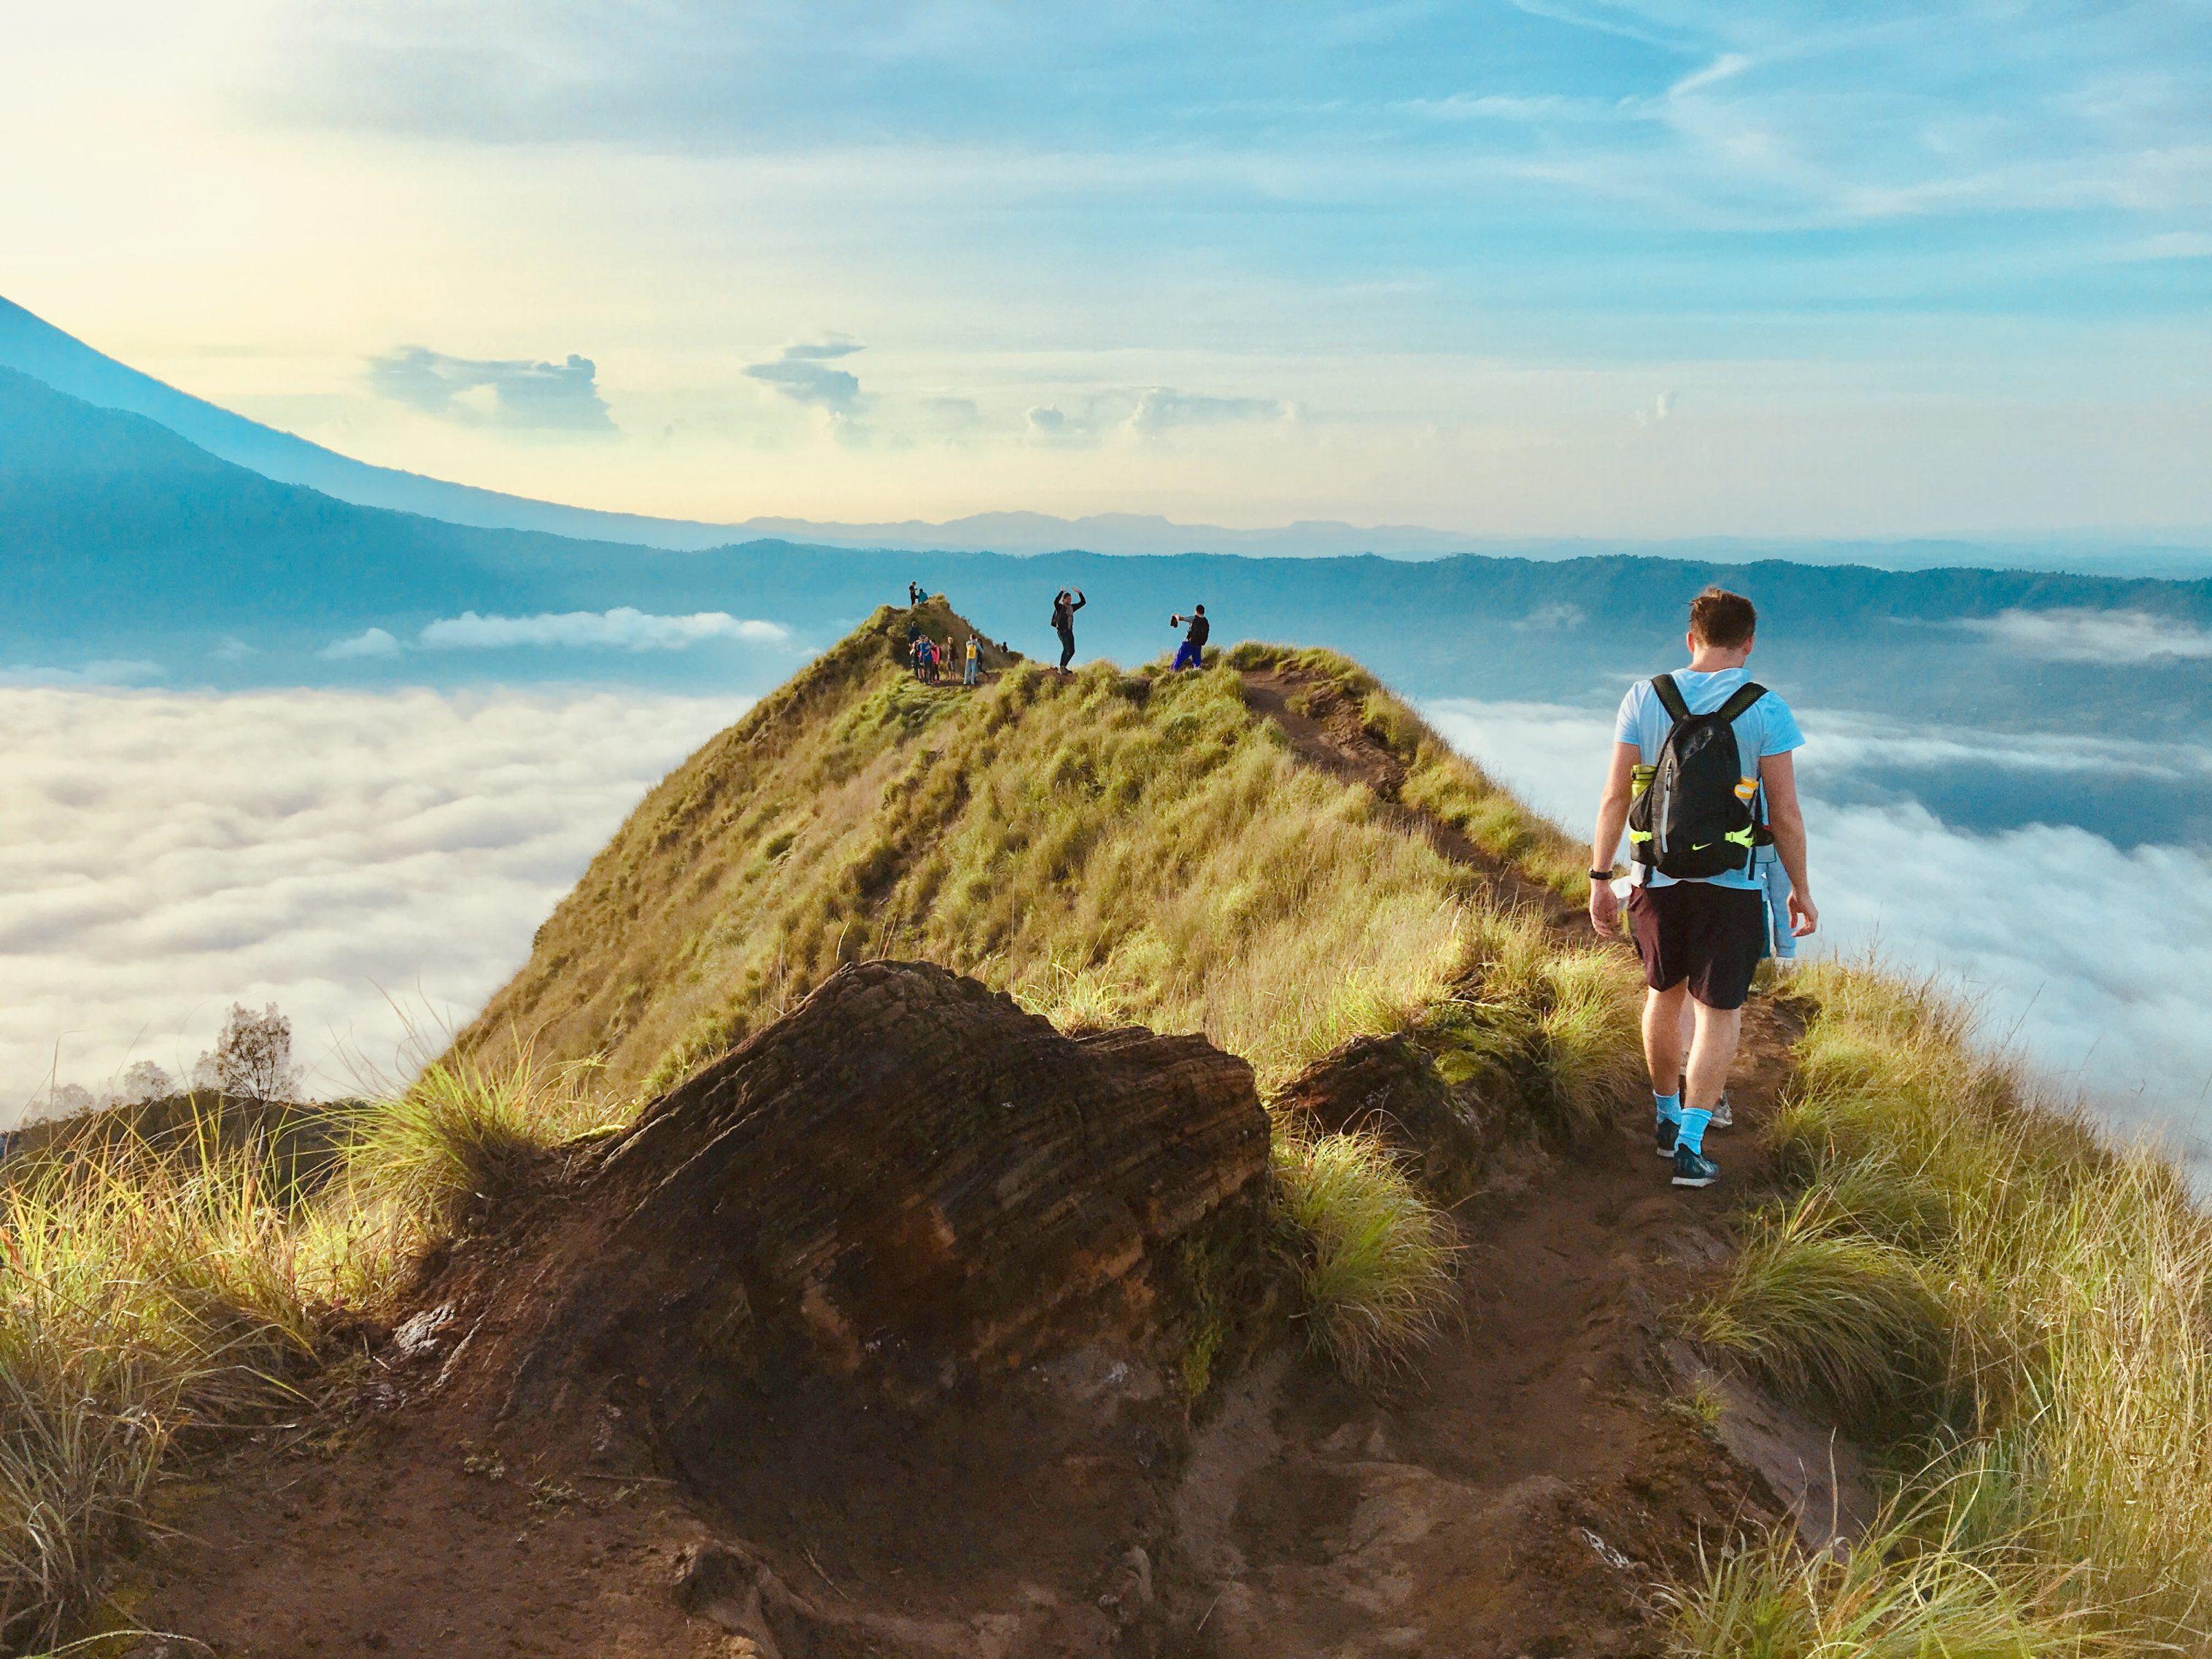 5 انشطة سياحية يمكن القيام بها في جبل باتور في بالي اندونيسيا